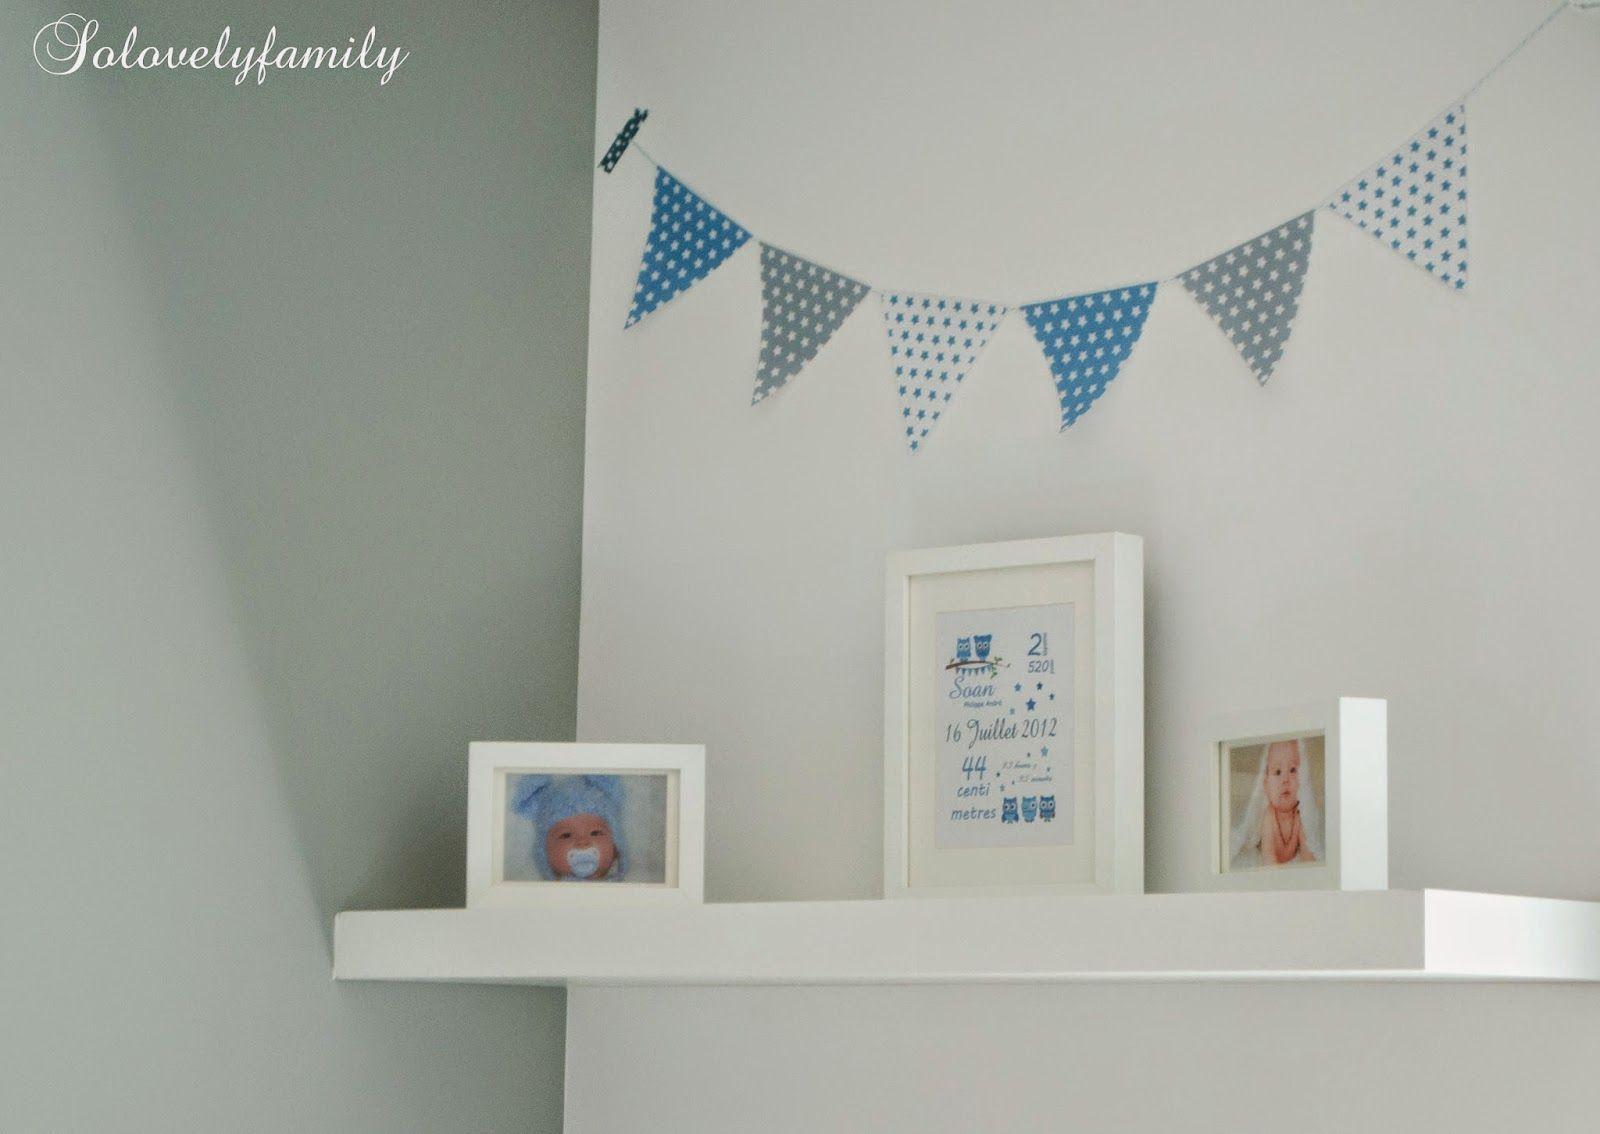 Guirlande fanion bleu gris blanc toile papier chambre b b d co bleue bleu et bleu gris - Fanion deco chambre ...